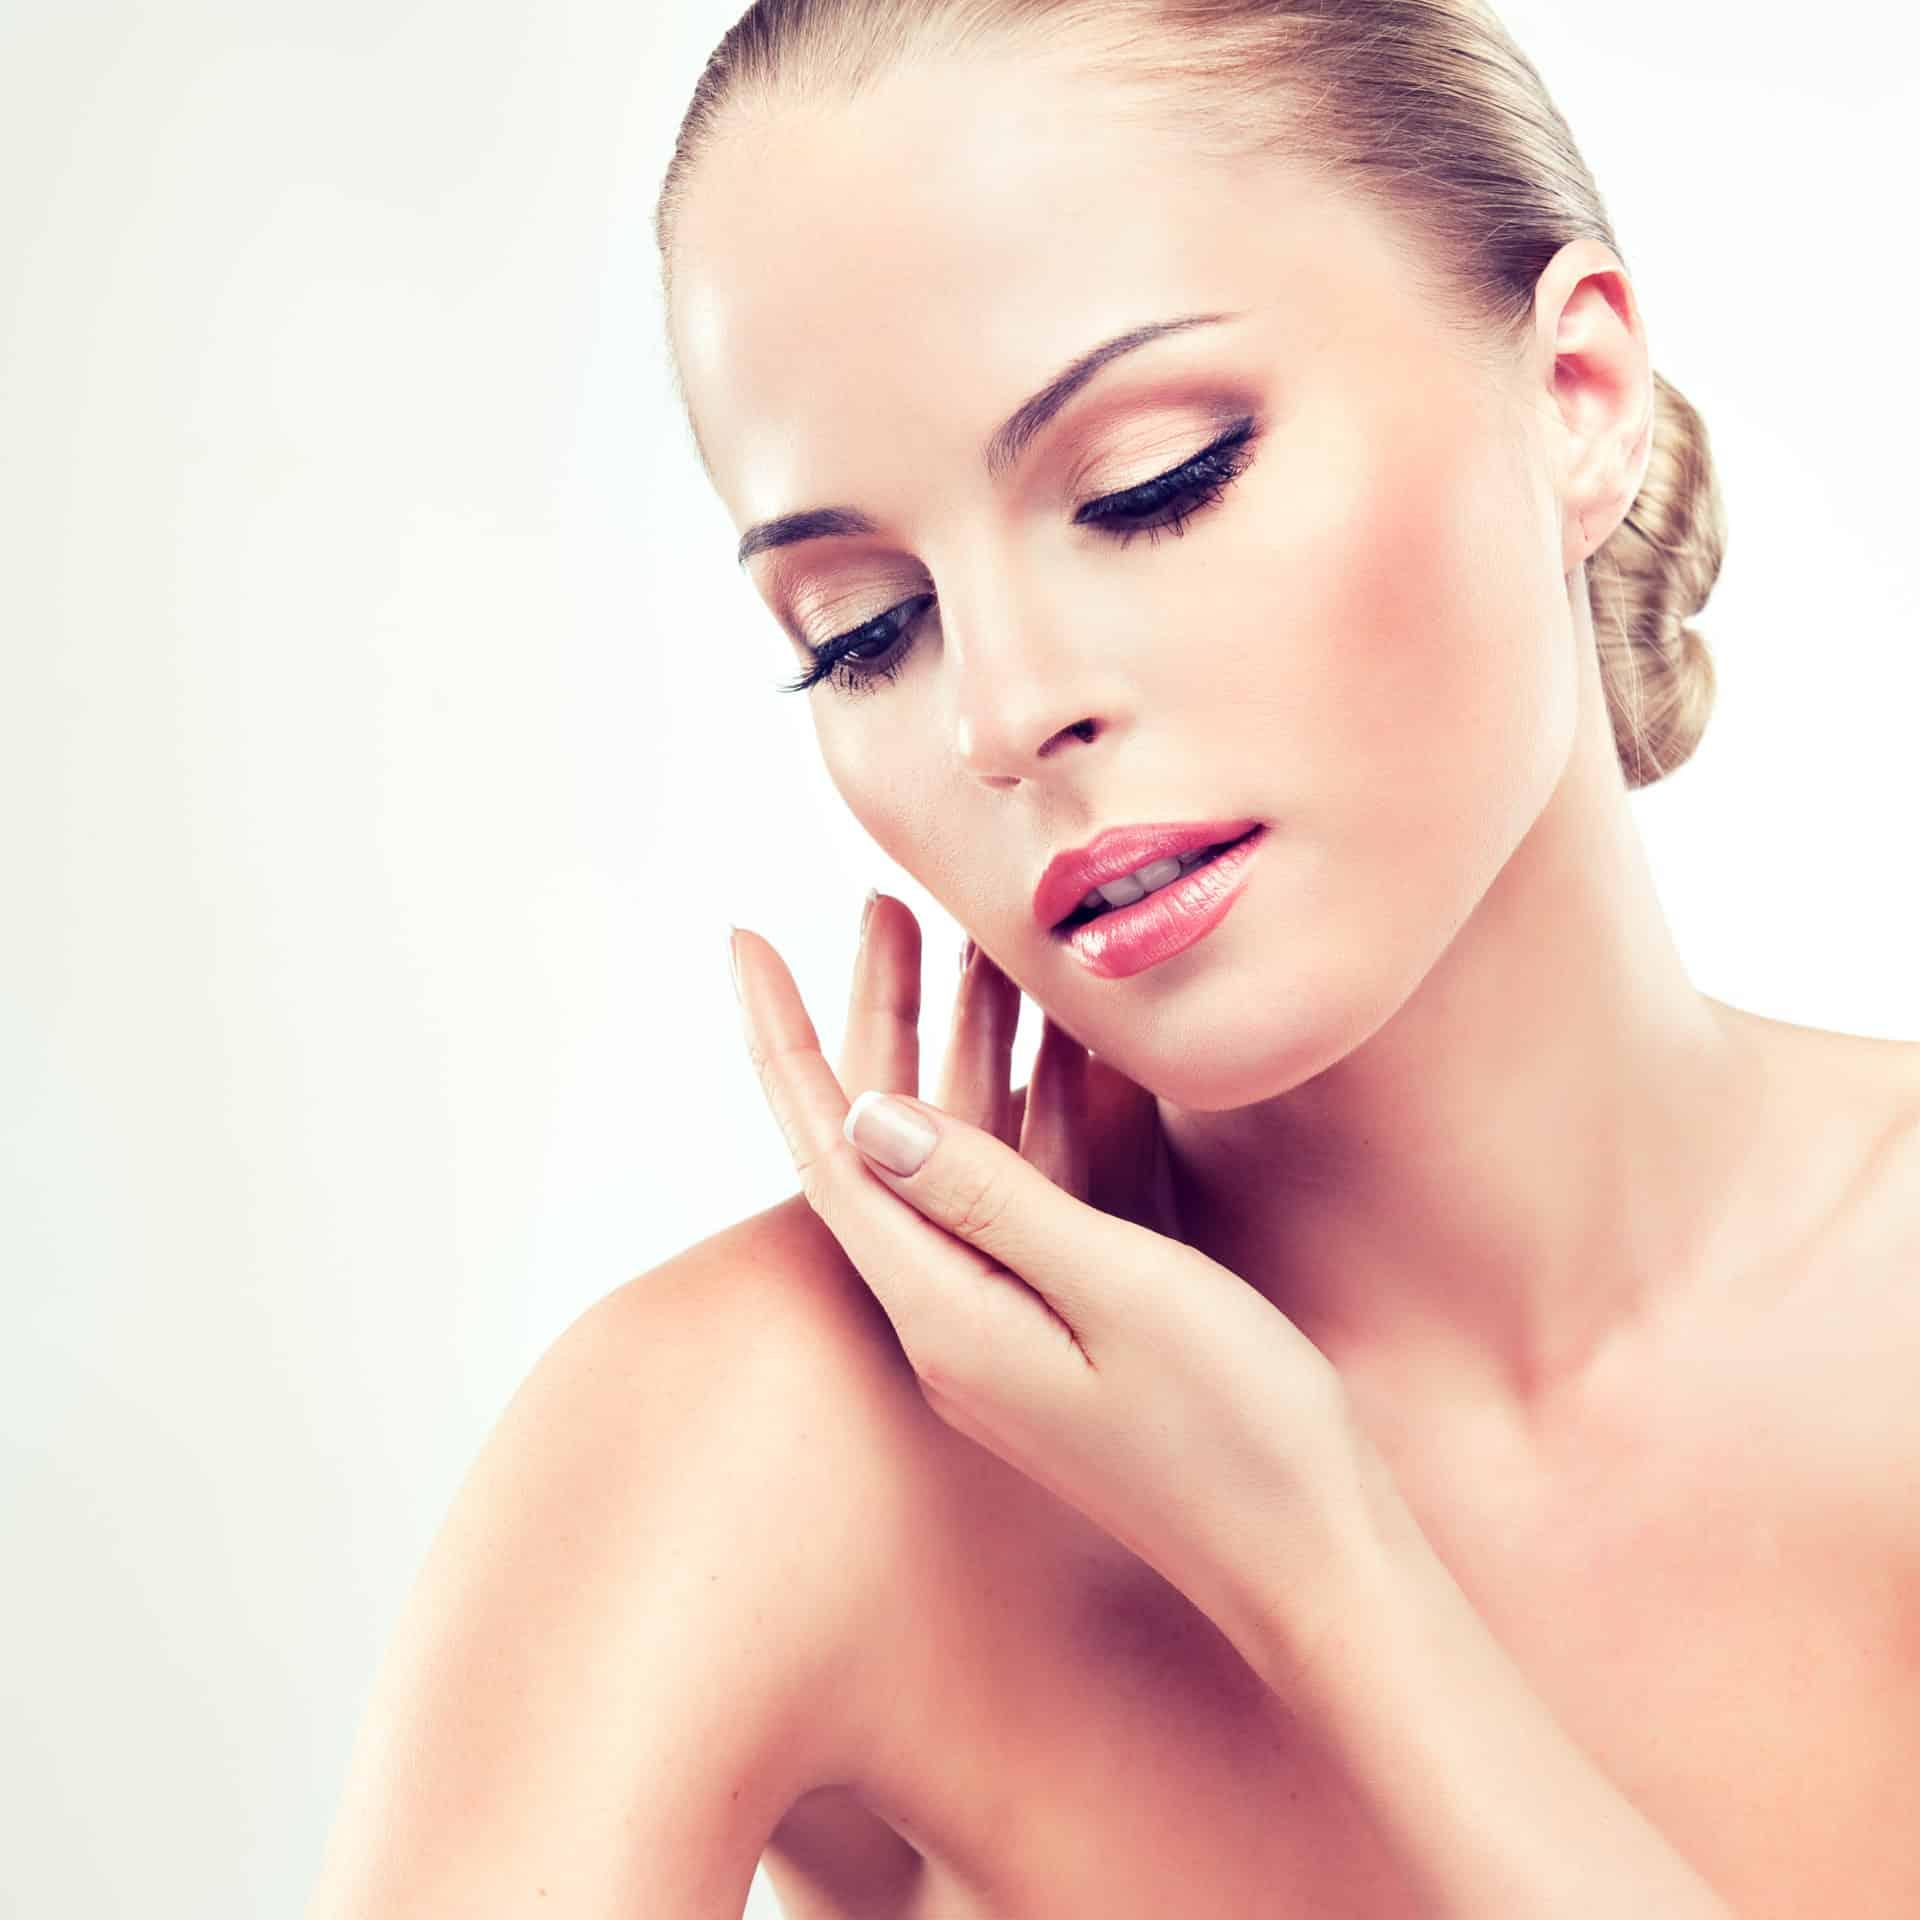 Czy choroby tarczycy mają wpływ na wygląd skóry?